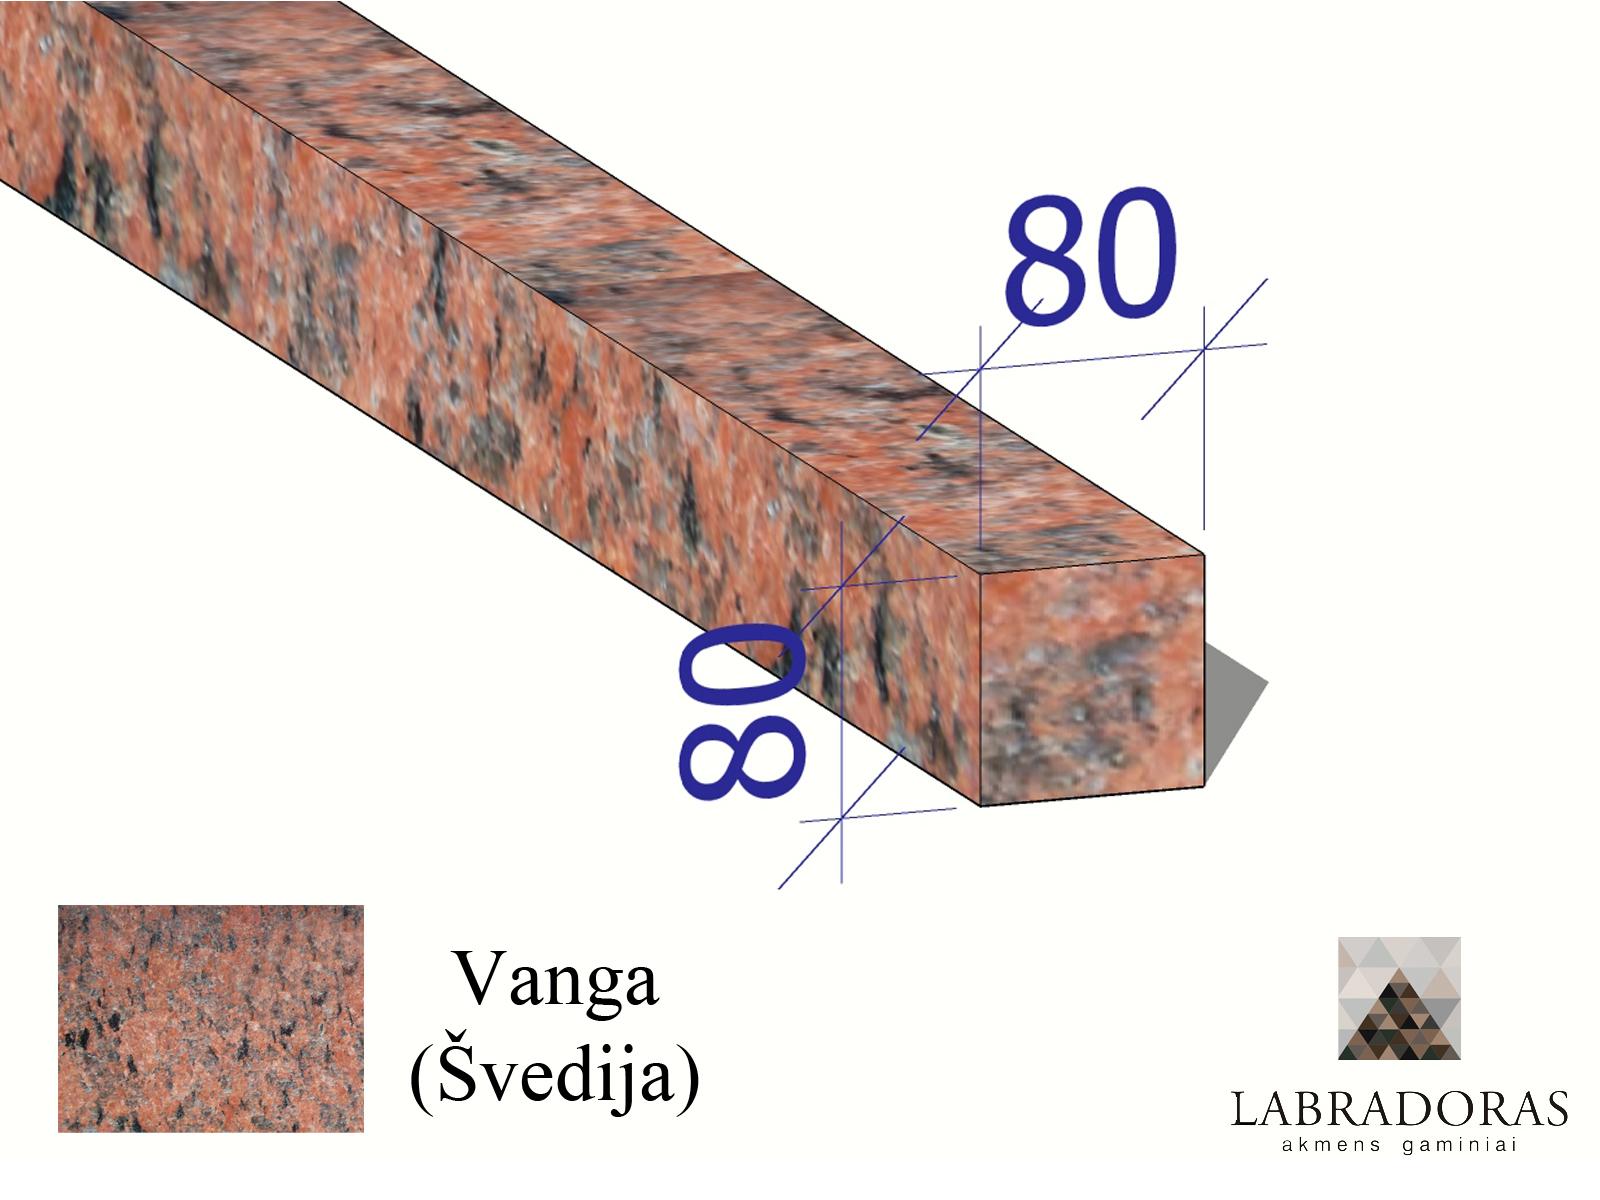 VANGA TVO